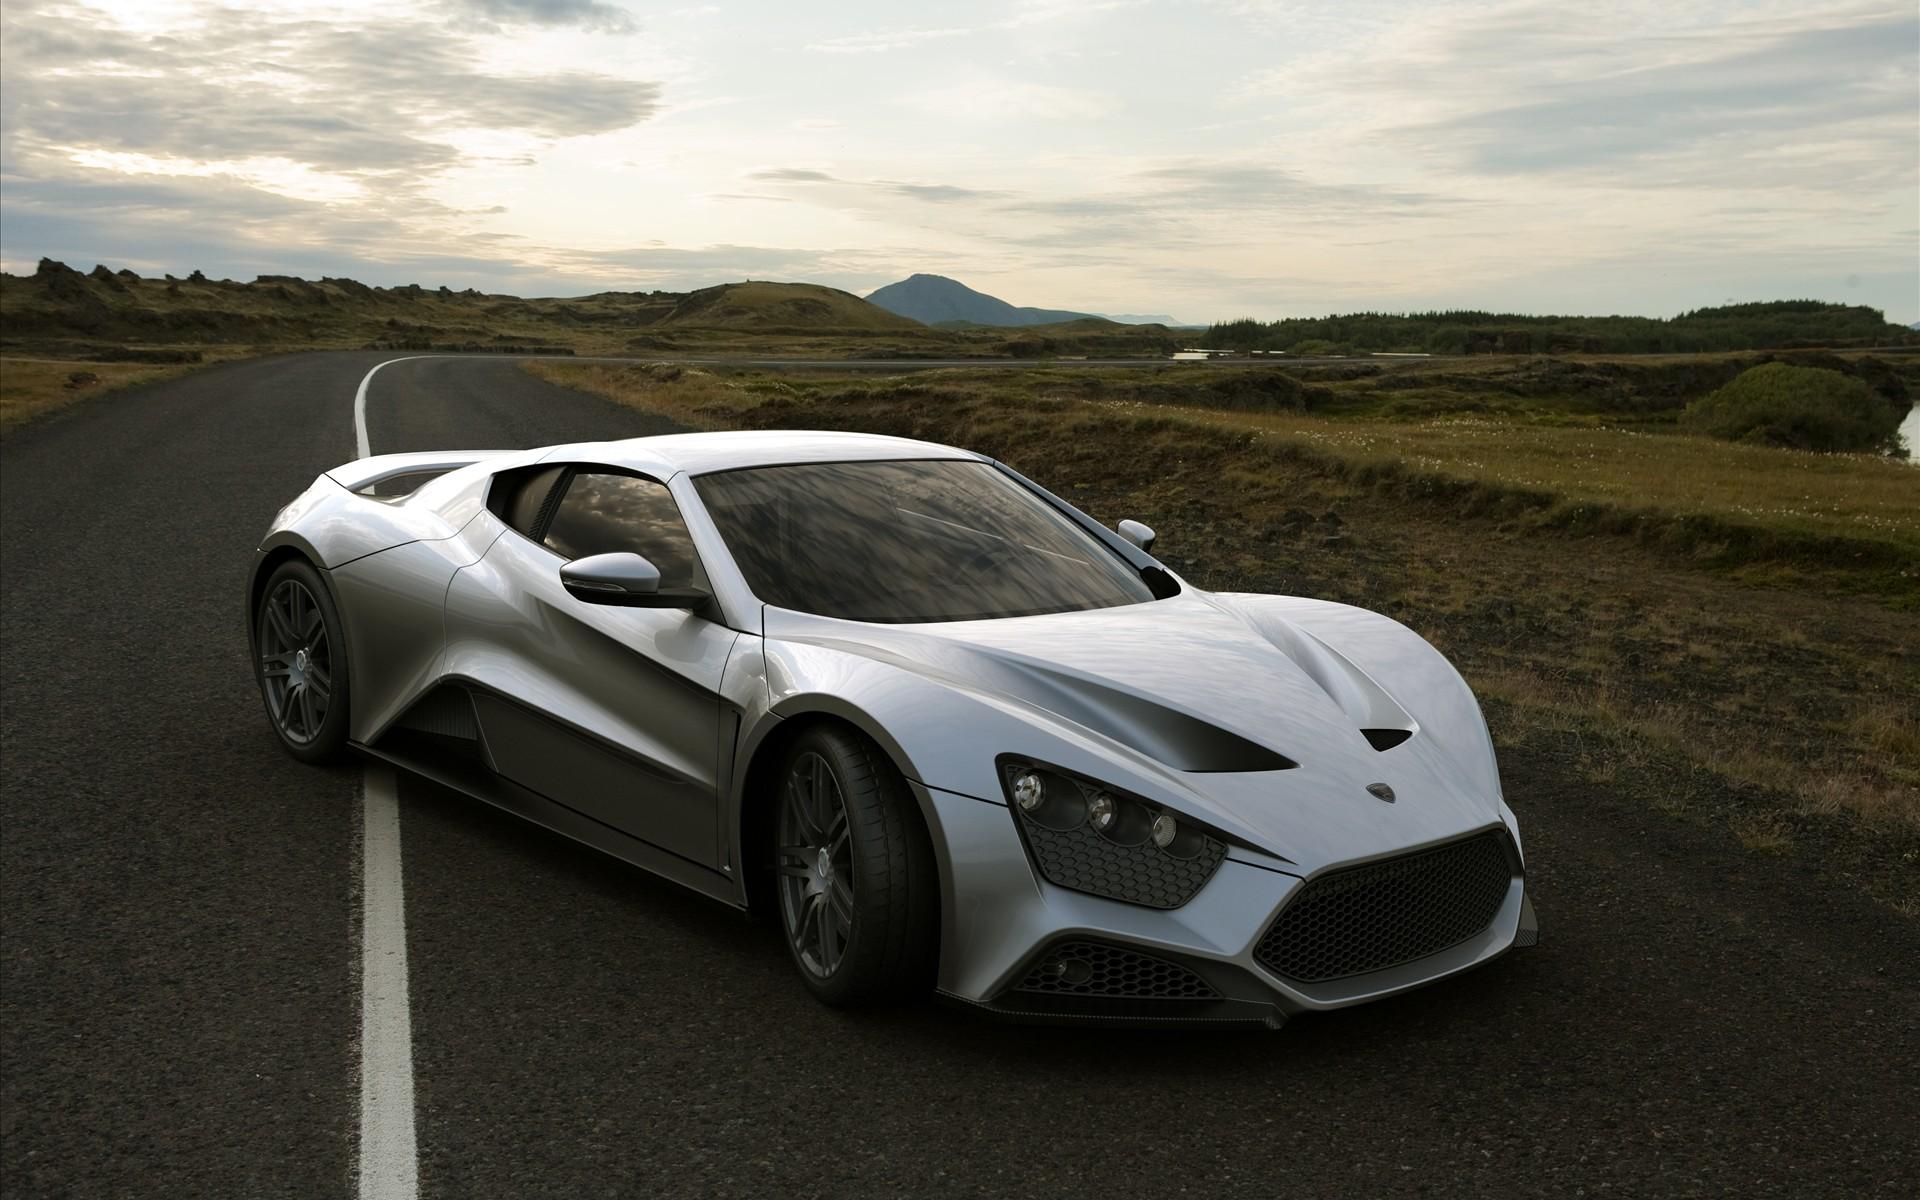 картинки мощных автомобилей способ